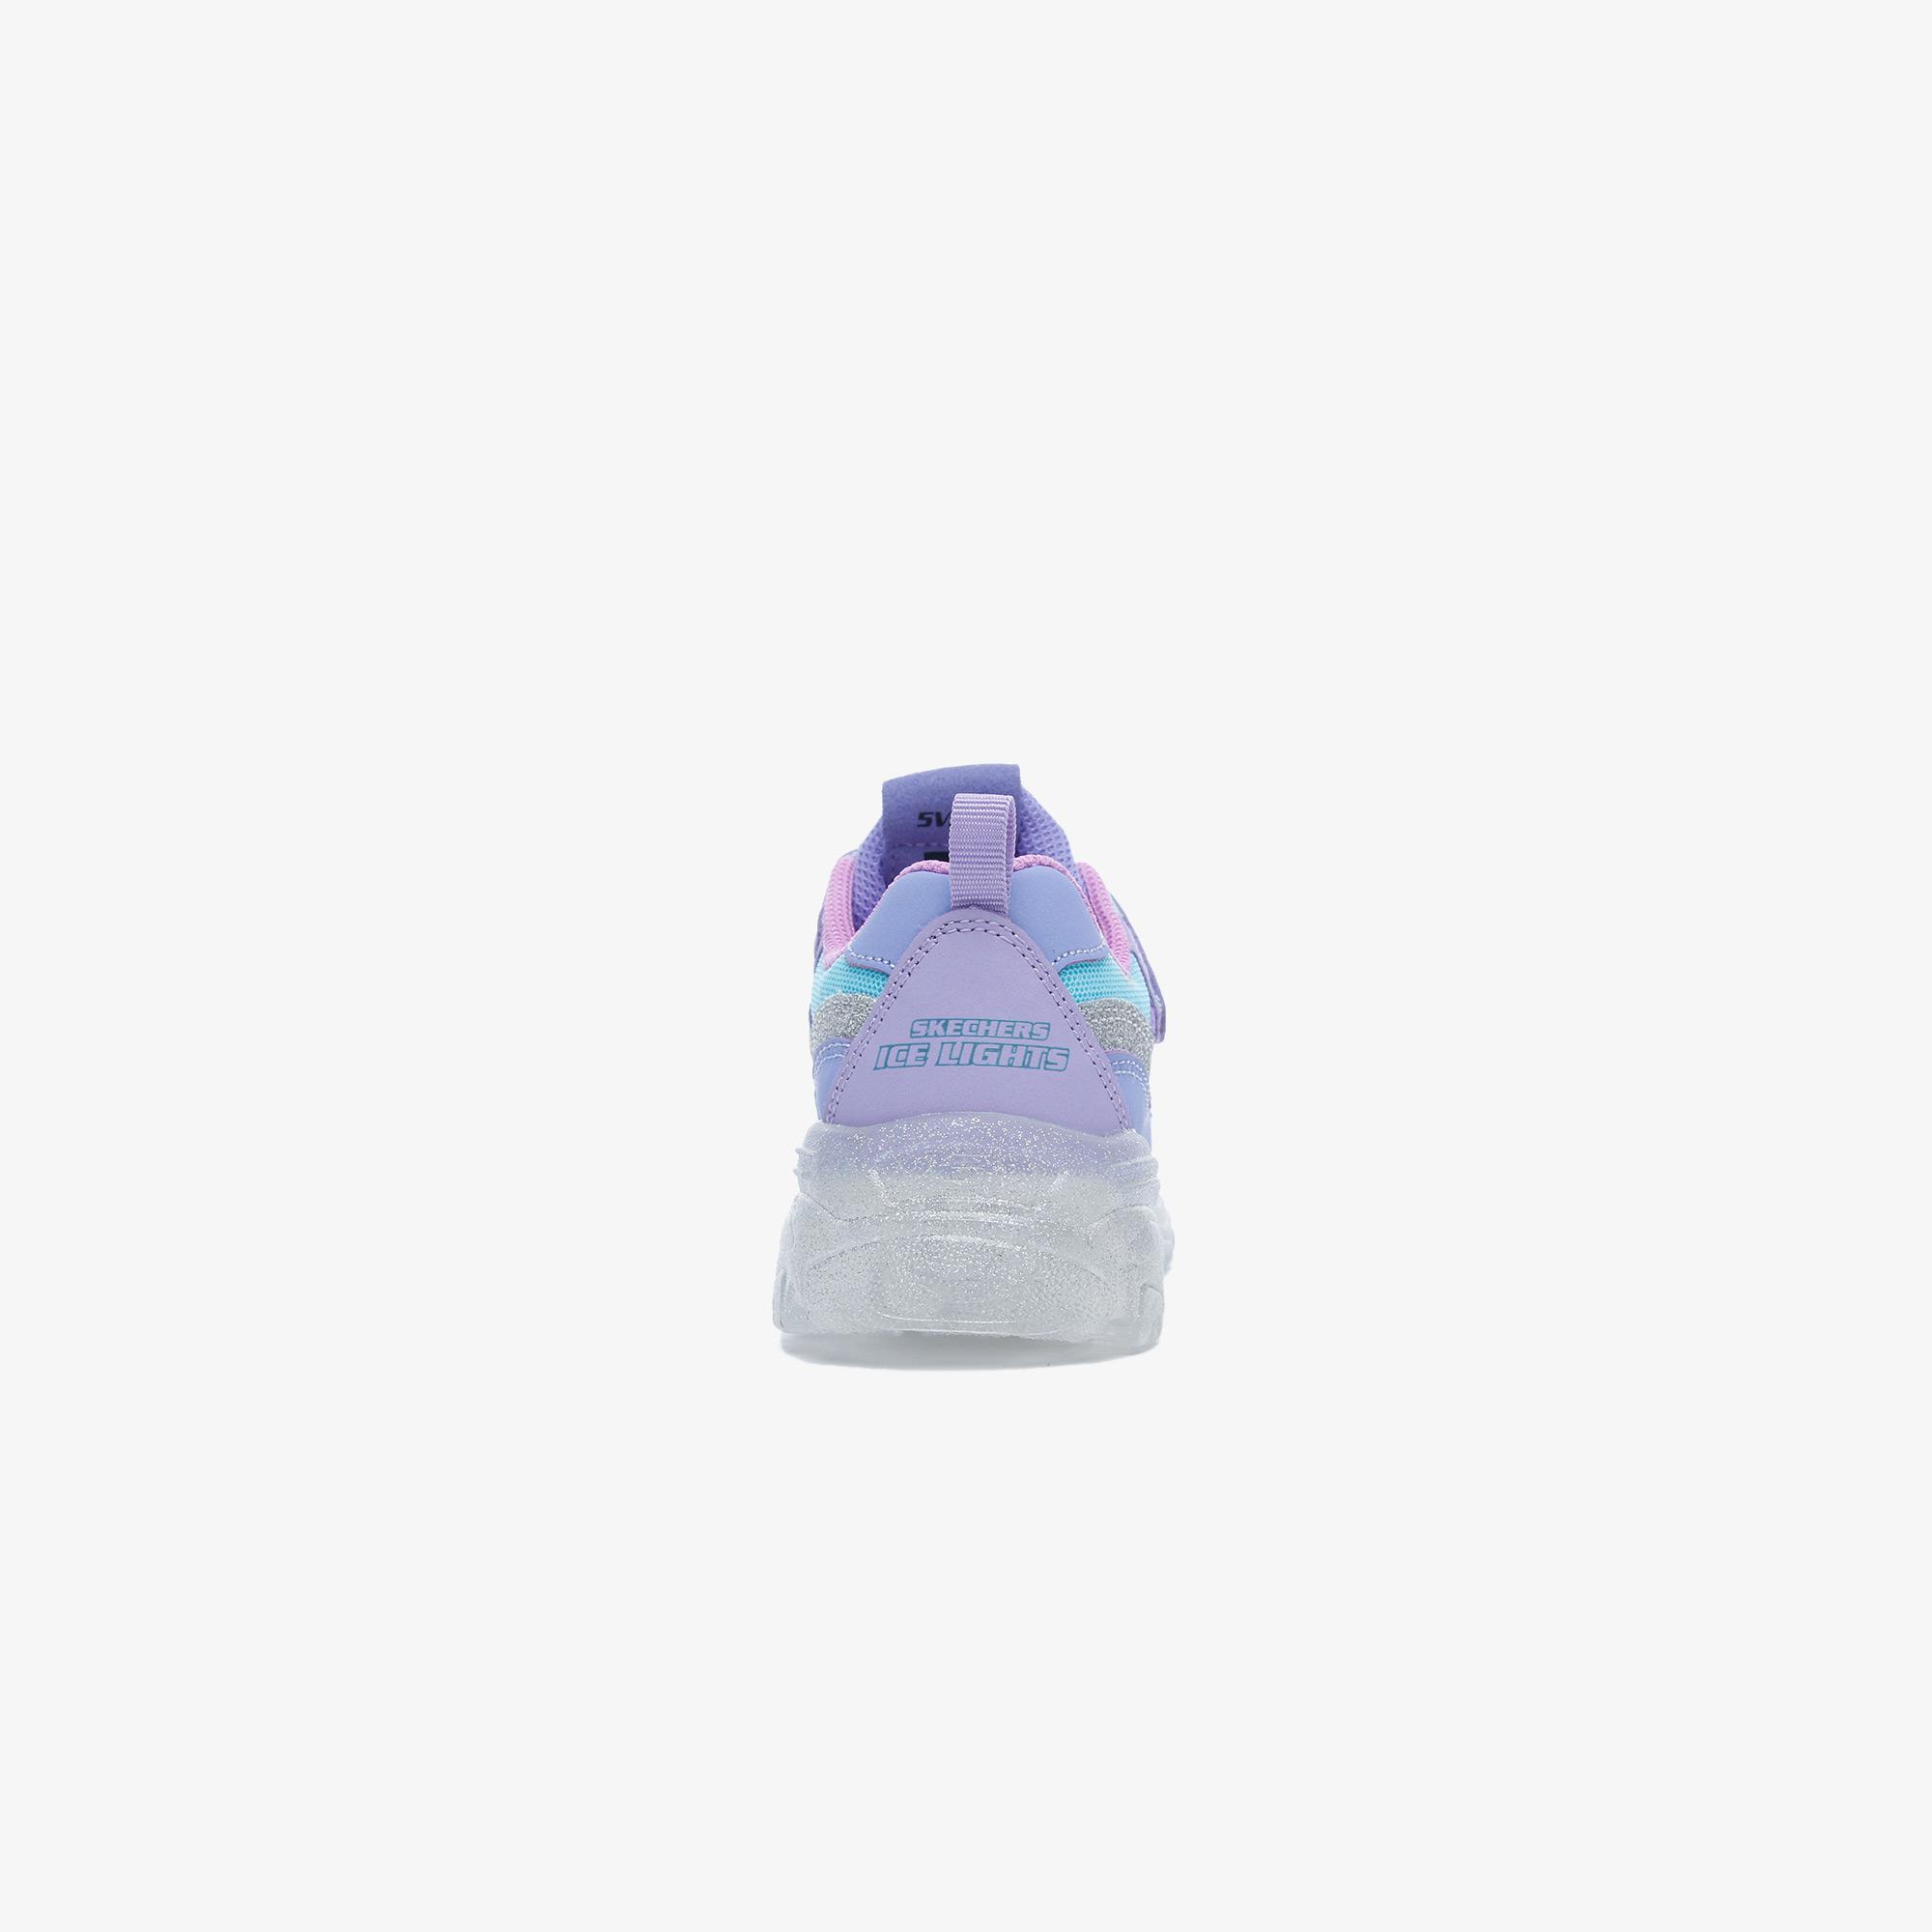 Ice D'Lites-Snow Spark Çocuk Mor Spor Ayakkabı